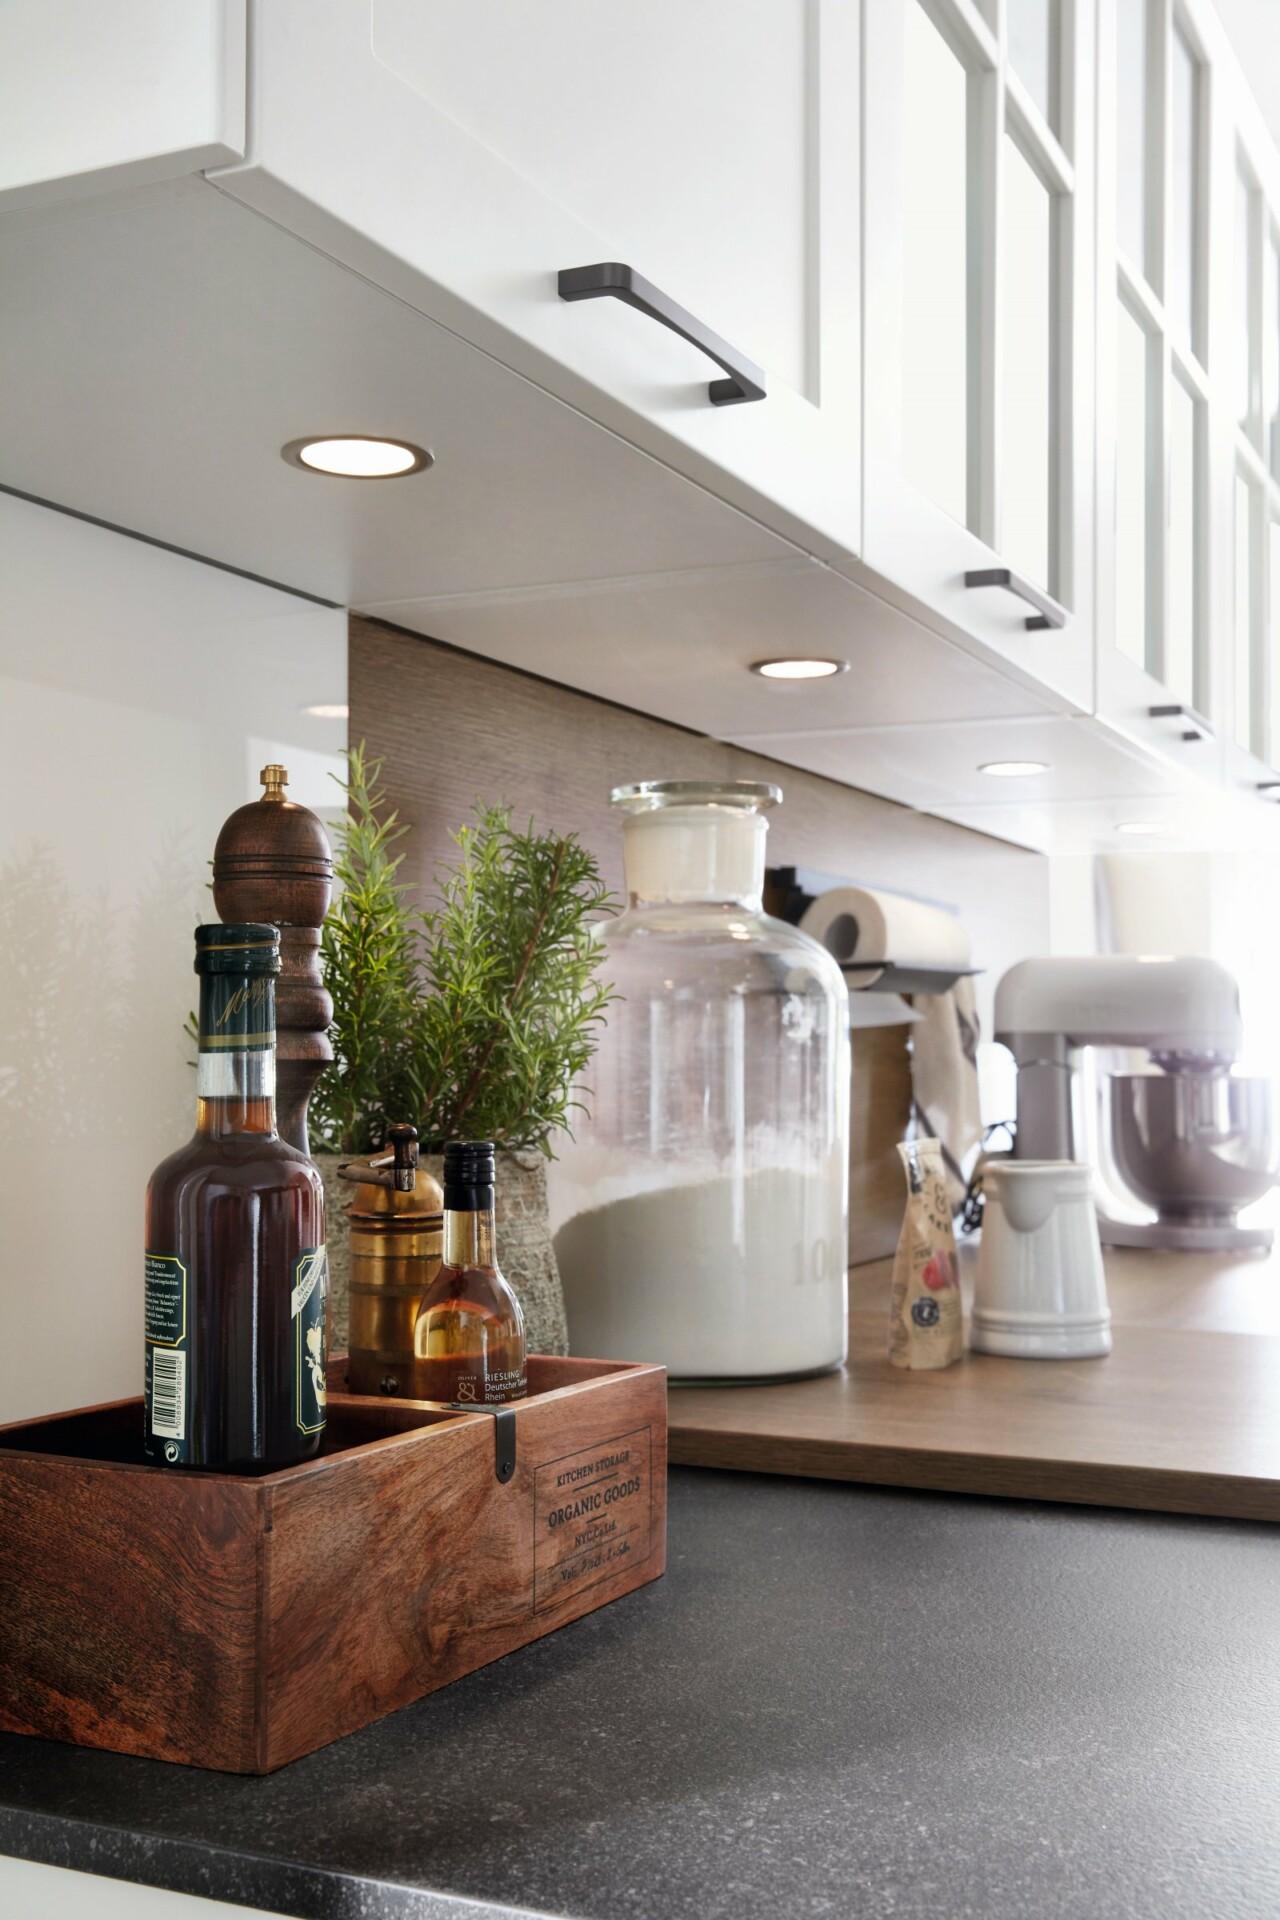 Meble kuchenne NOBILIA NORDIC 782 biały matowy, lakier - Nowoczesne meble do otwartej kuchni z wyspą kuchenną połączonej z salonem -8- FM KUCHNIE Kraków